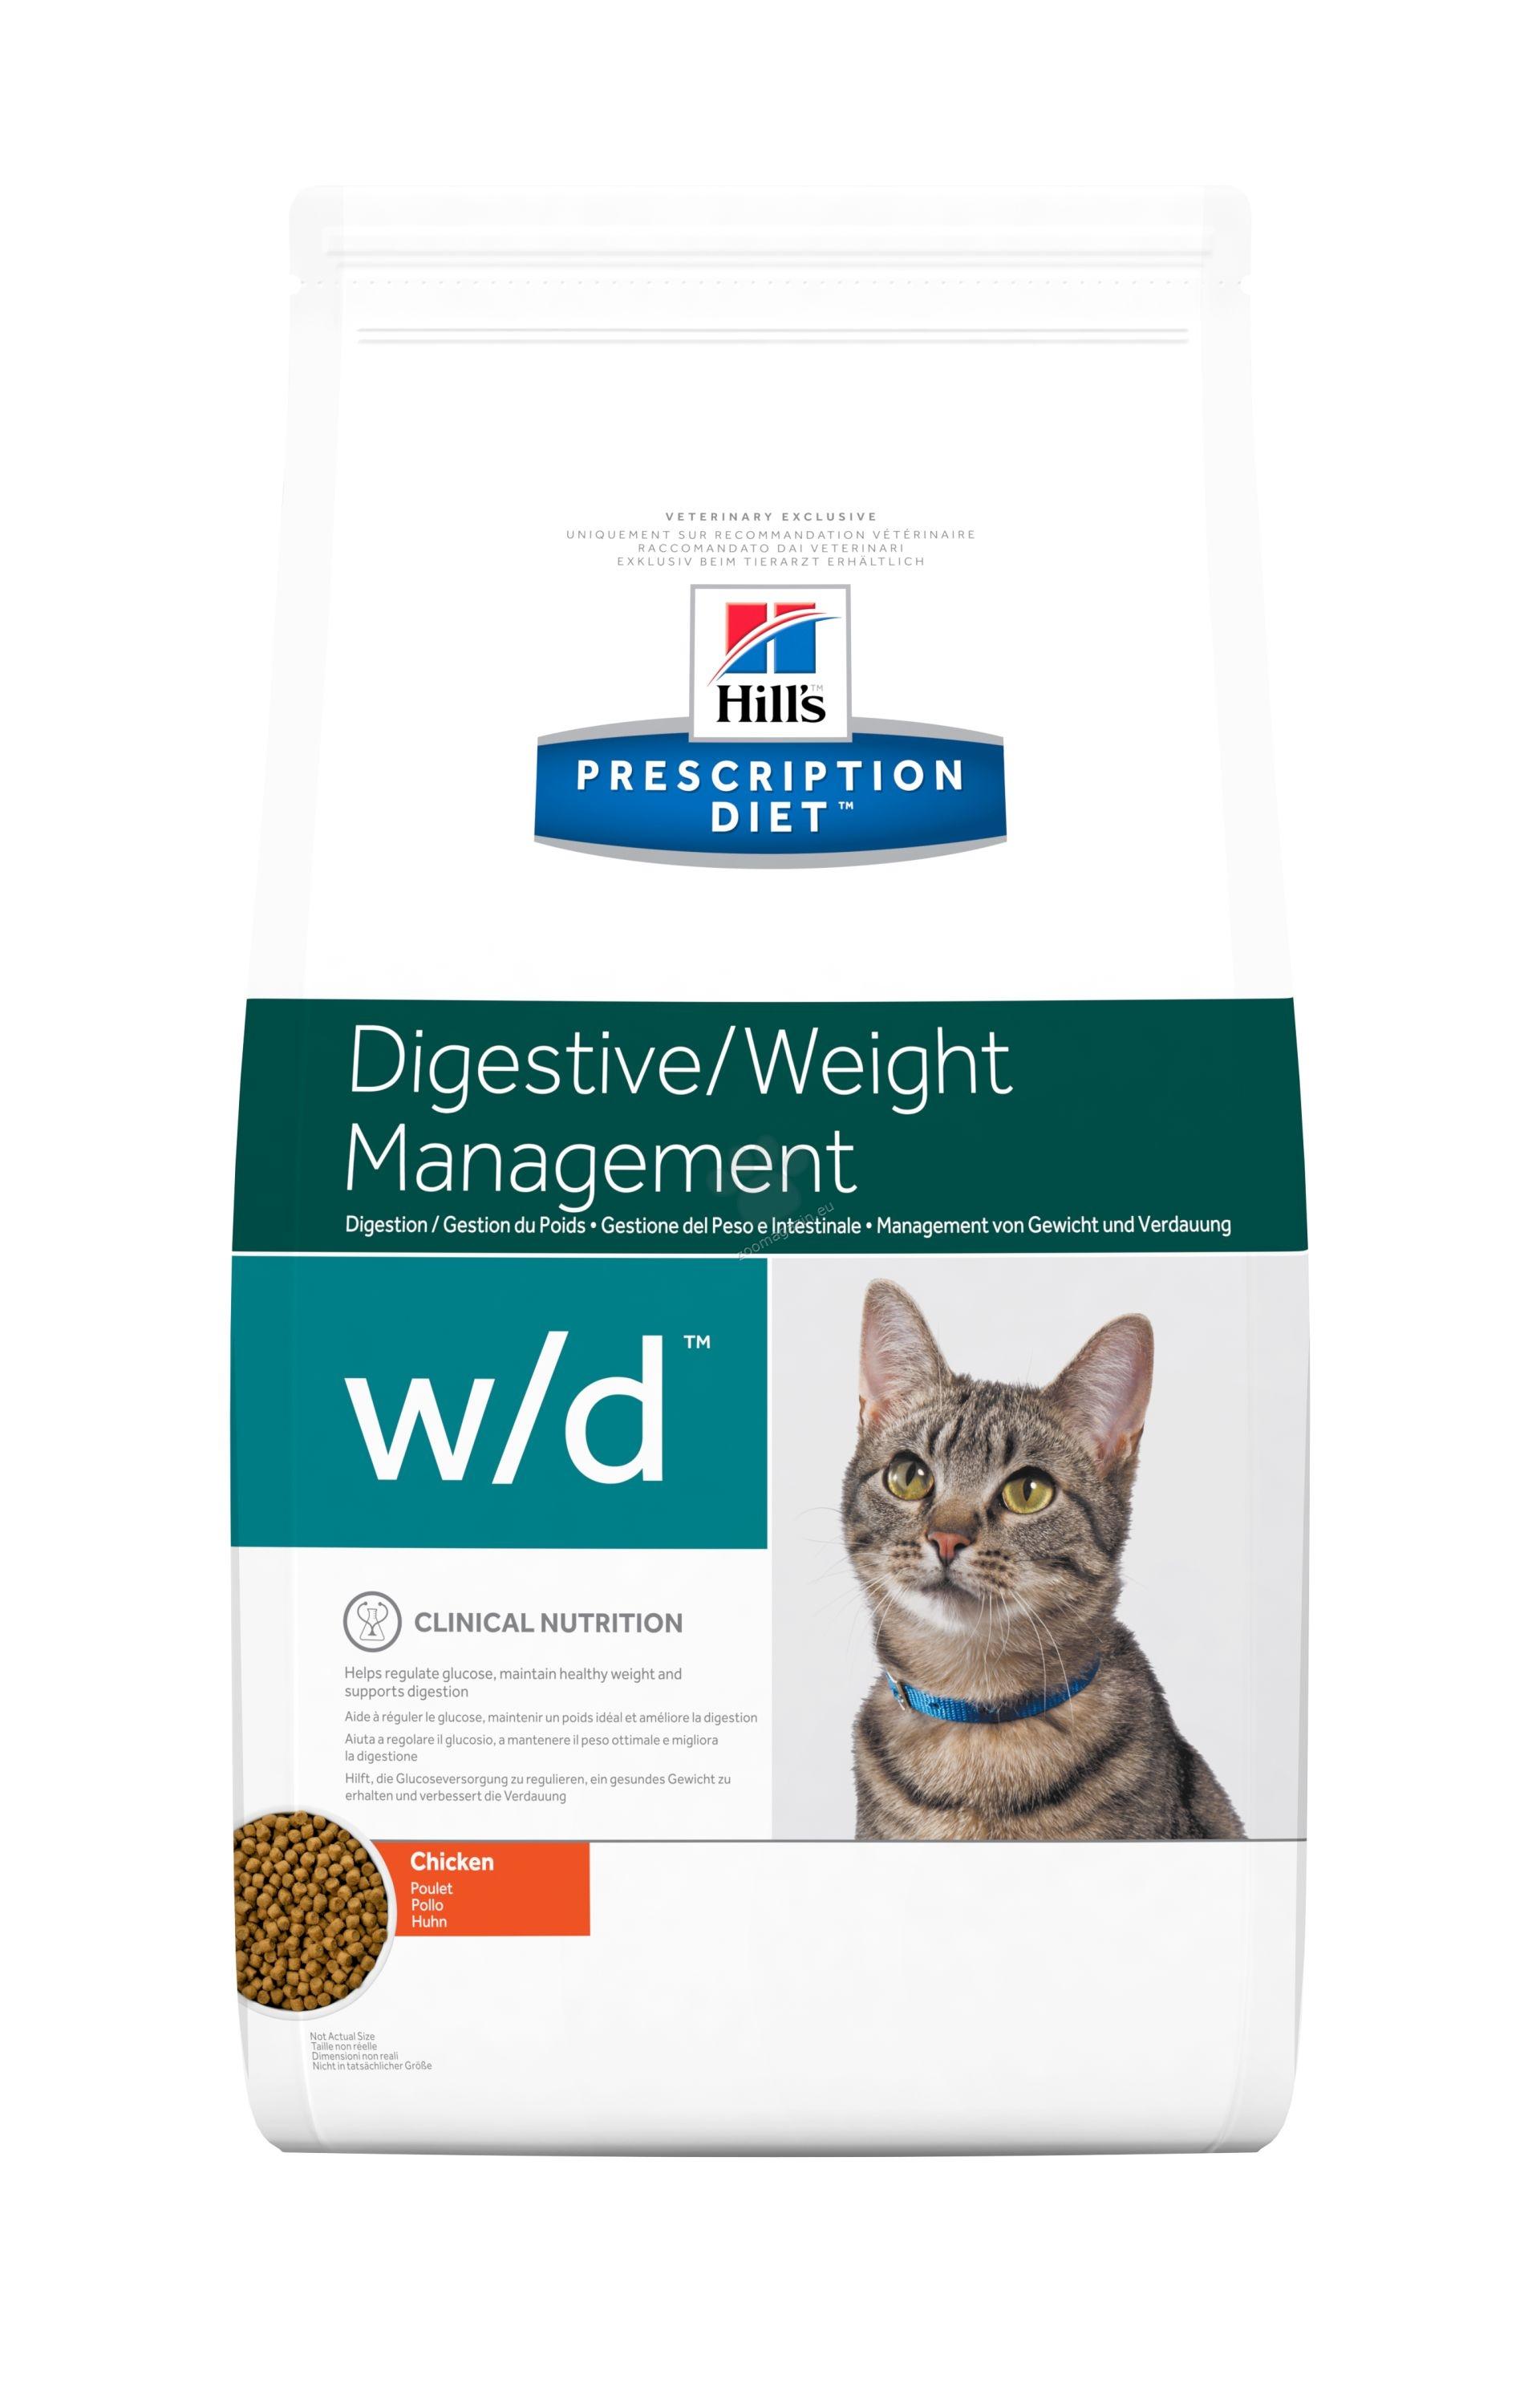 Hills Prescription Diet w/d Feline - диета за състояния като колит, запек, мегаколон и за поддържане на телесно тегло и регулиране на липидния метаболизъм при хиперлипидемия 5 кг.